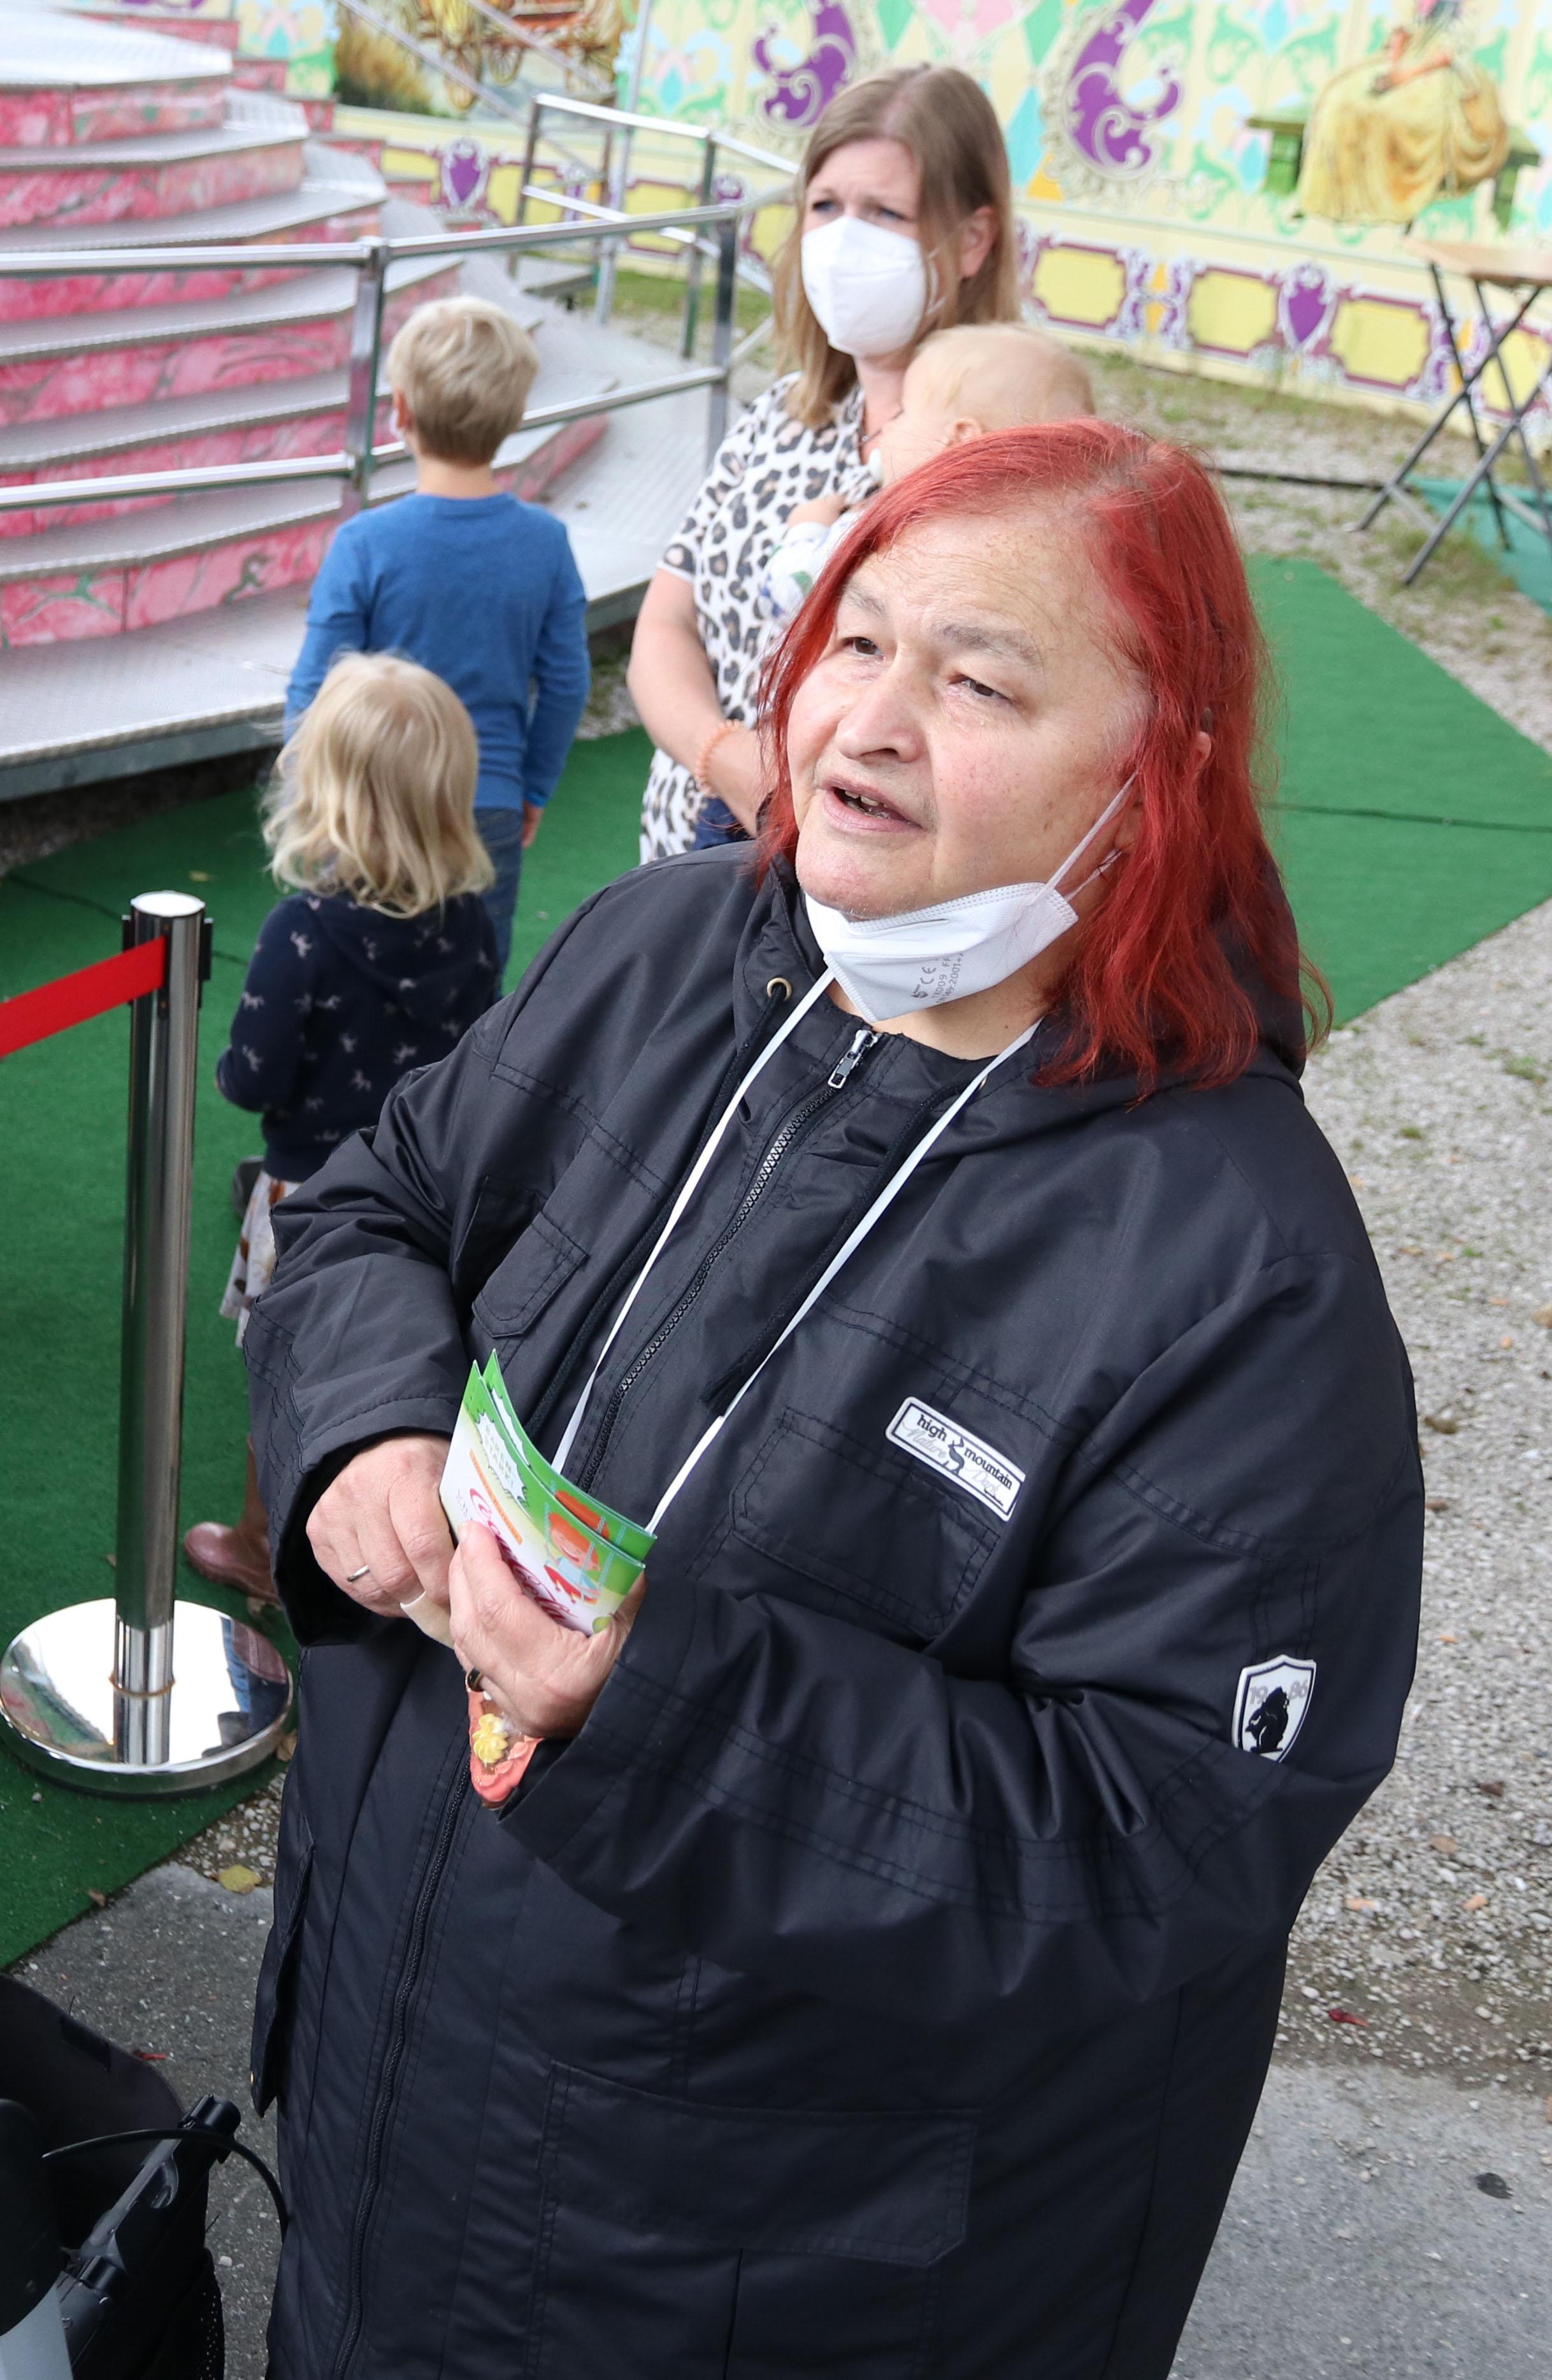 Ein echtes Highlight in Coronazeiten, formulierte Birgit Hübner, Sprecherin der B etreuten der Lebenshilfe Nürnberger Land e. V .